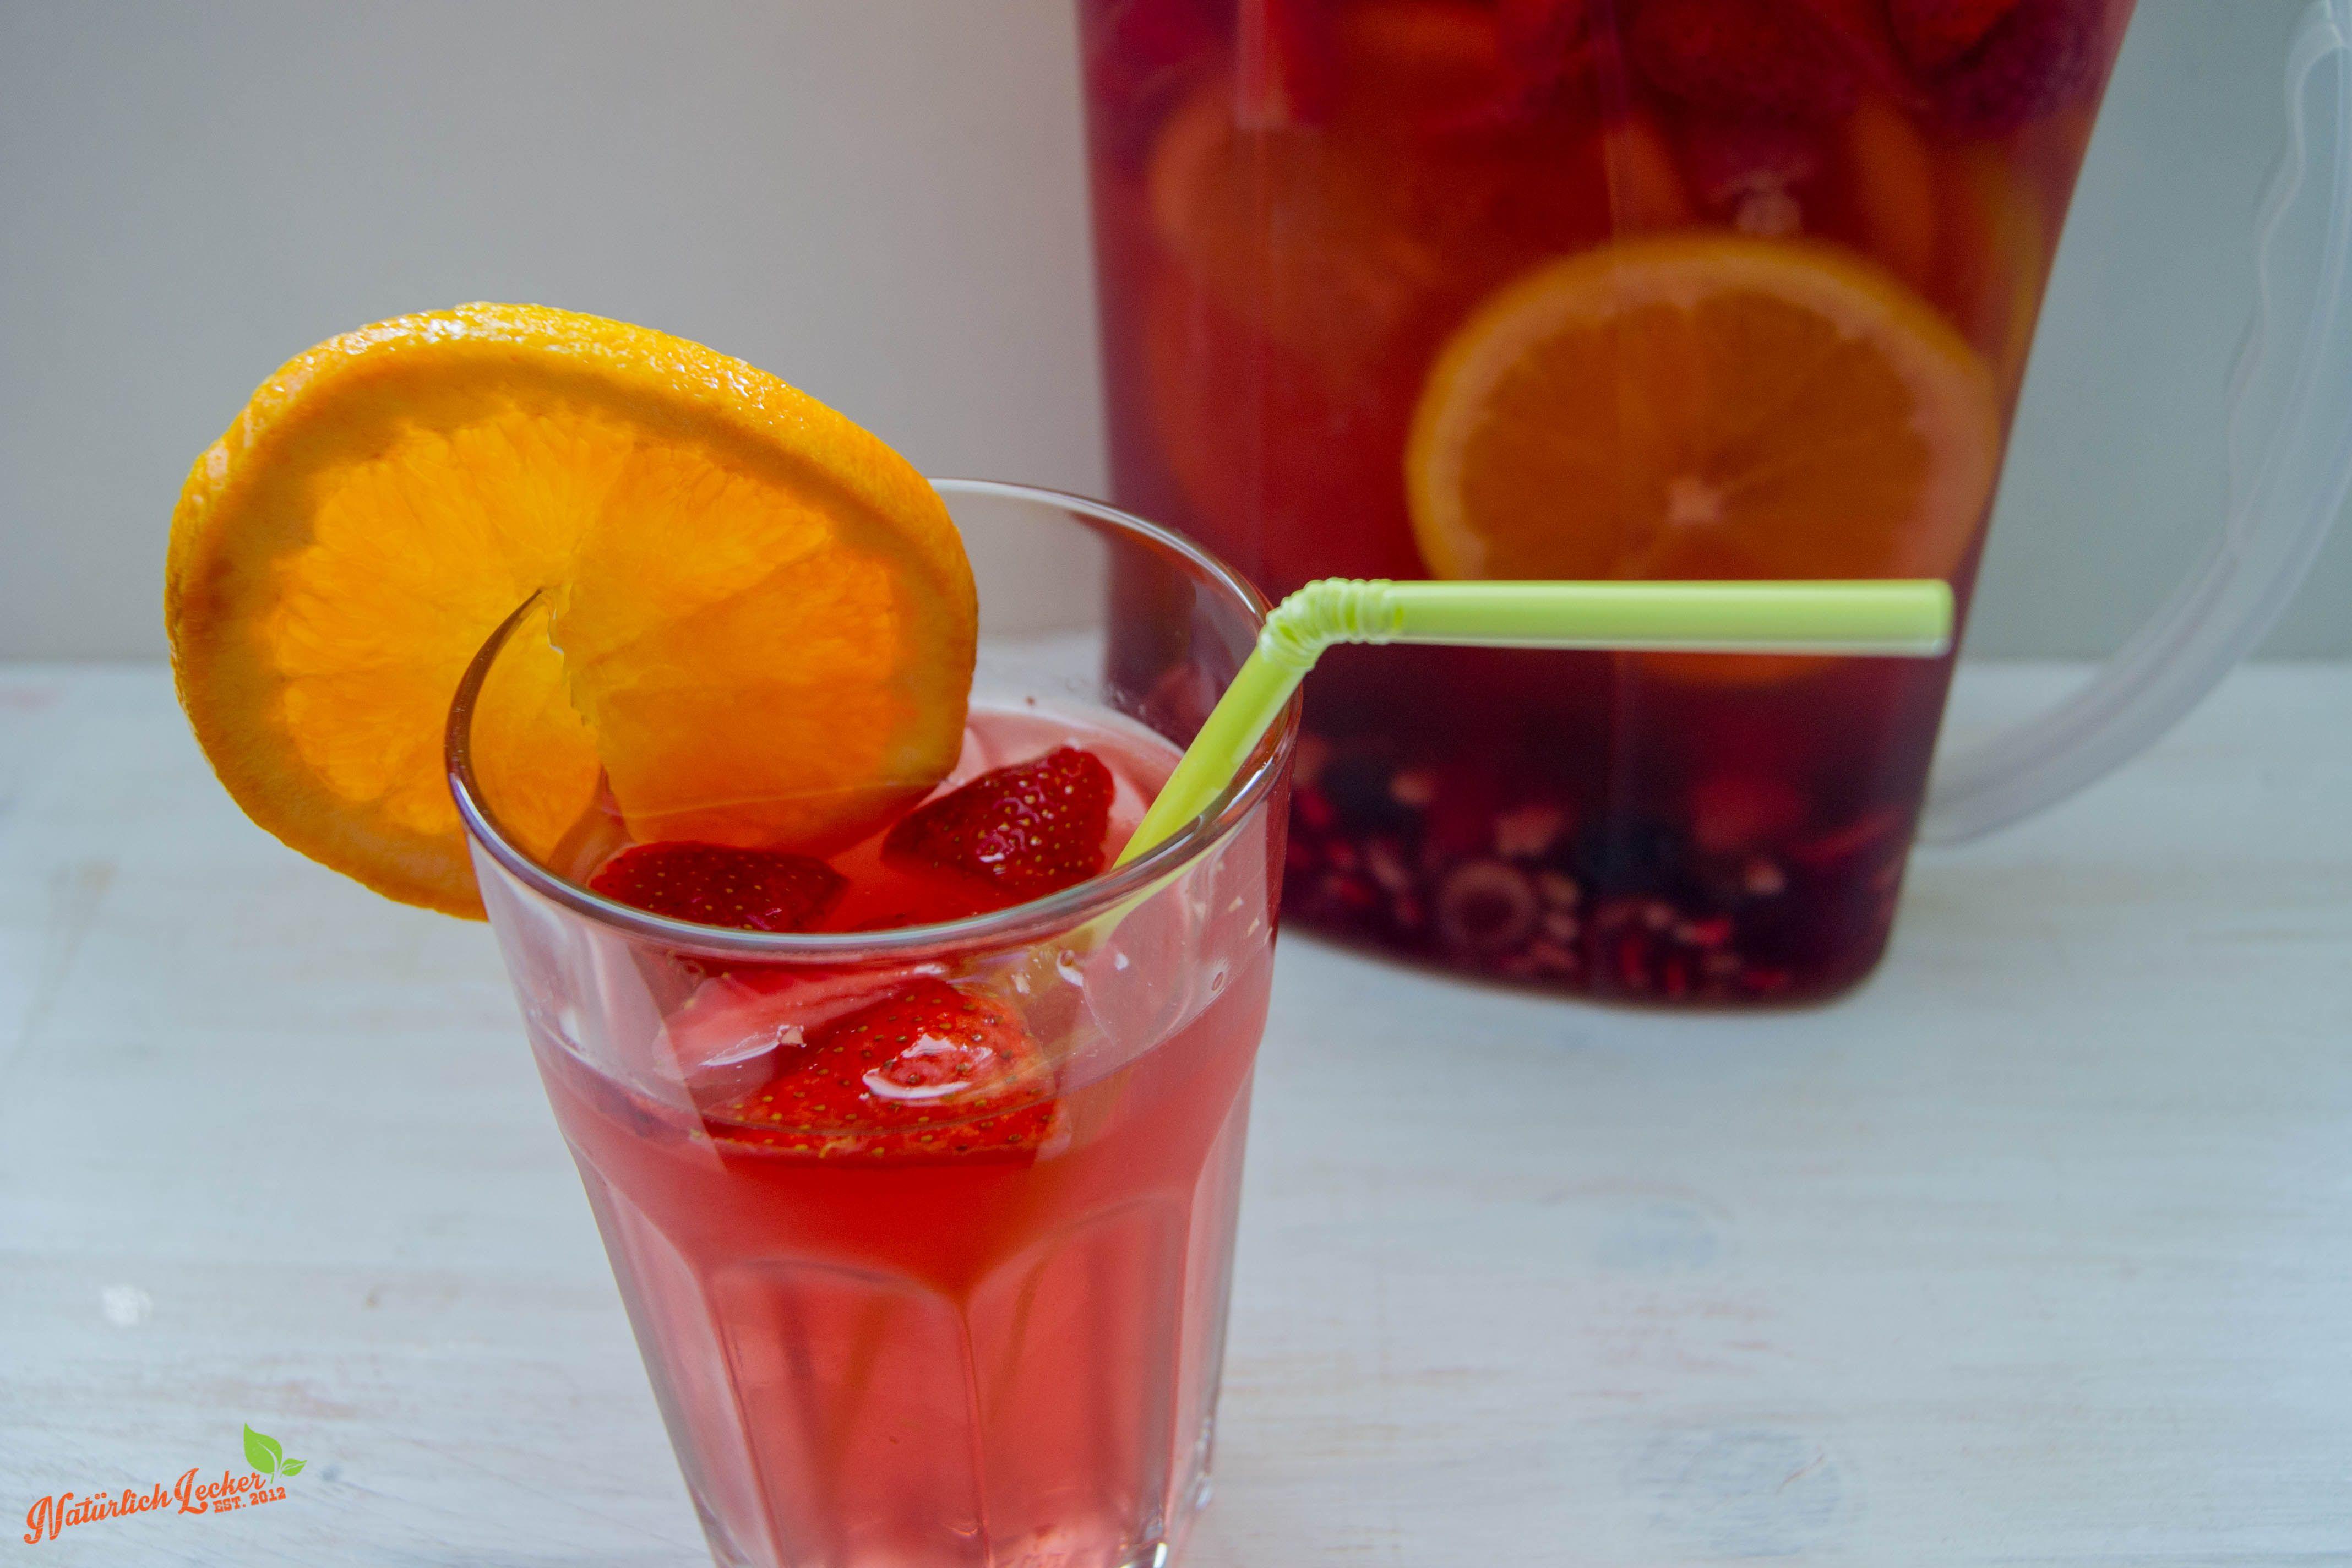 flavored Water - Idee zum mehr Wasser trinken Hier seht ihr leckeres Wasser aromatisiert mi vielen leckeren Früchten. Das flavored Water soll euch animieren mehr Wasser zu trinken.